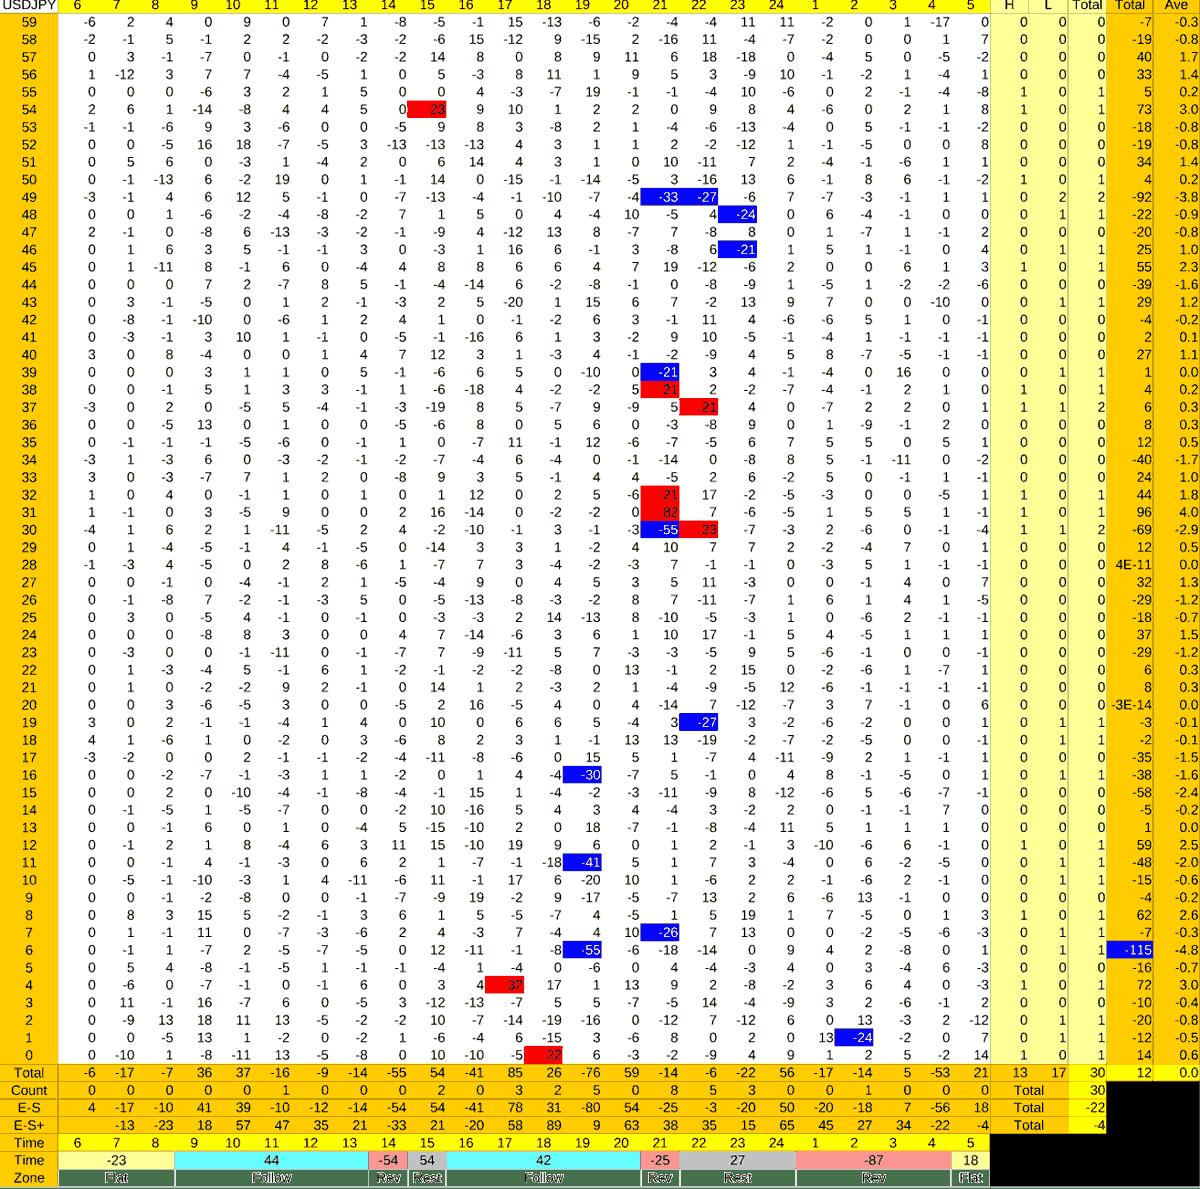 20210615_HS(1)USDJPY